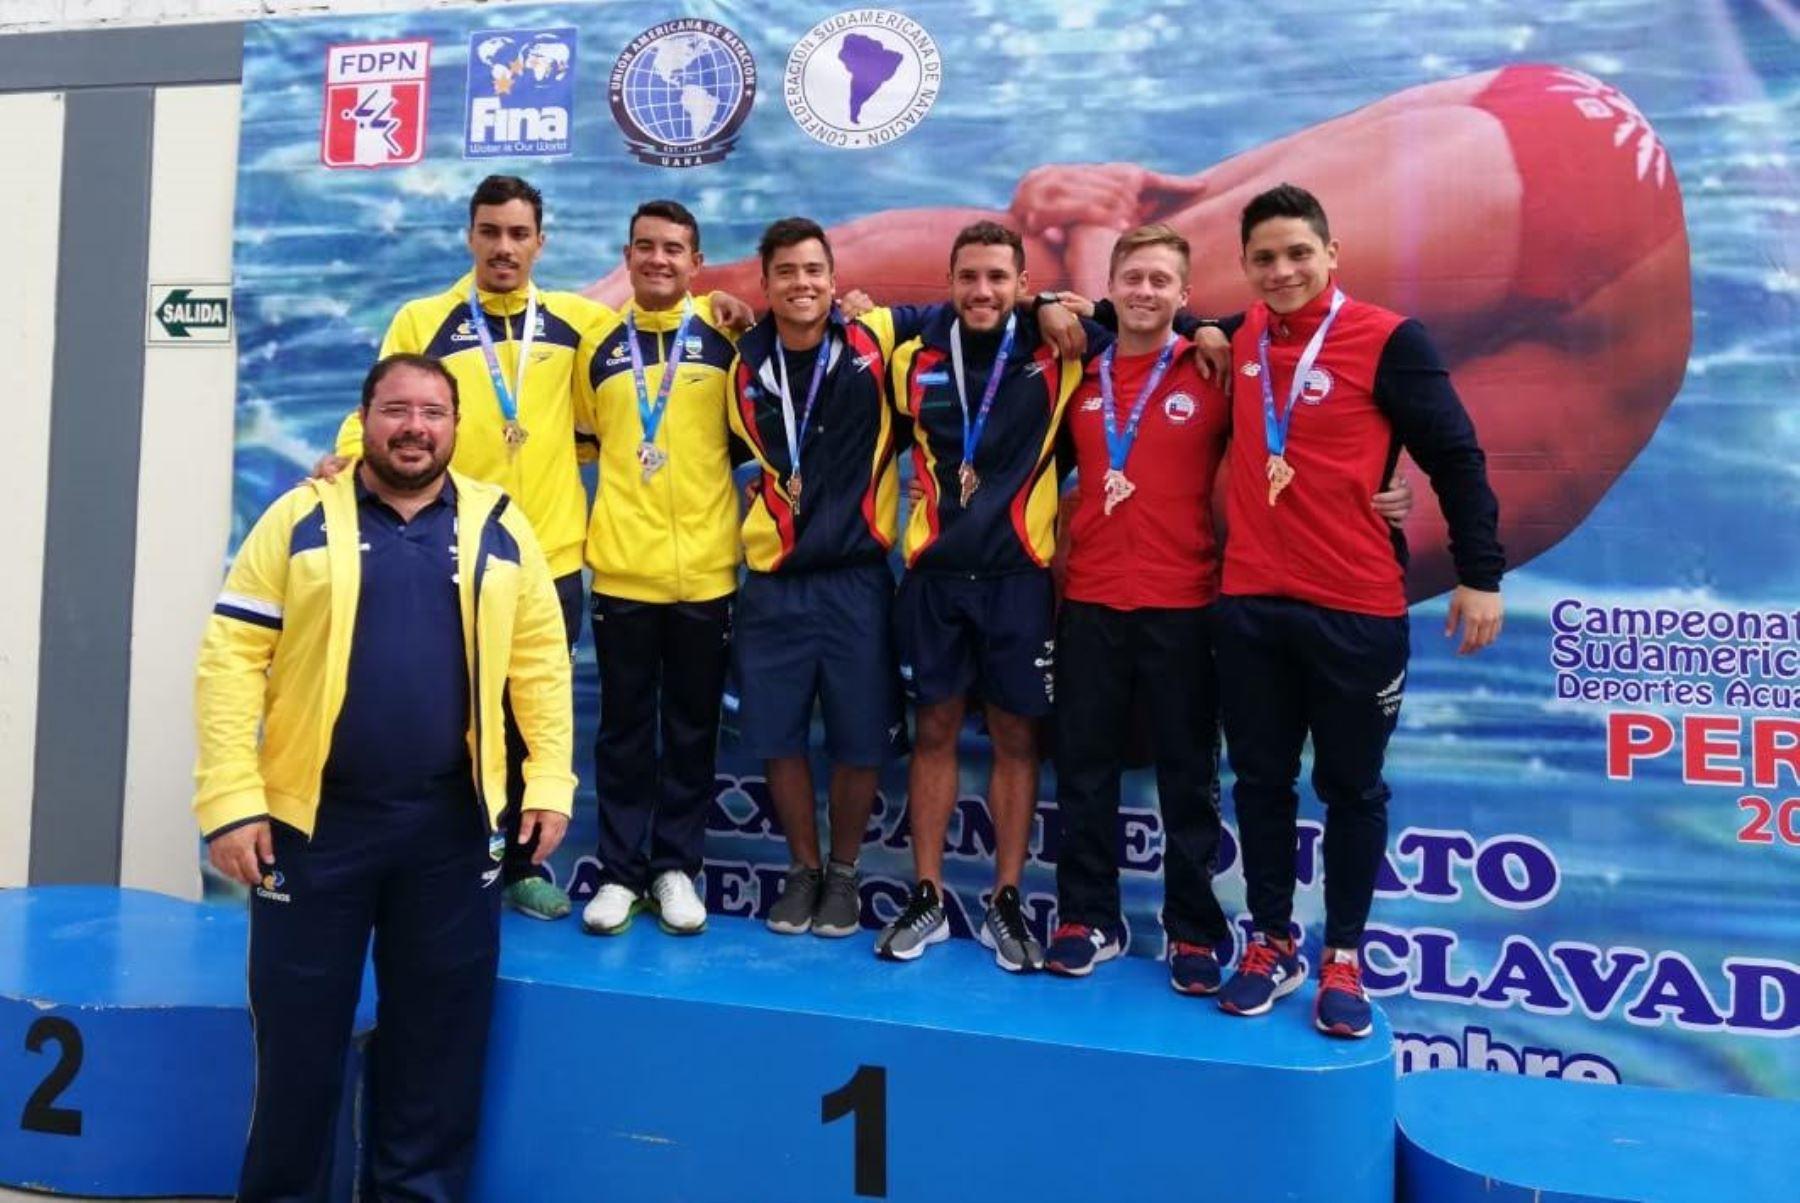 Los colombianos y brasileños comienzan a imponerse en el Campeonato Sudamericano de Primera Fuerza Perú 2018.